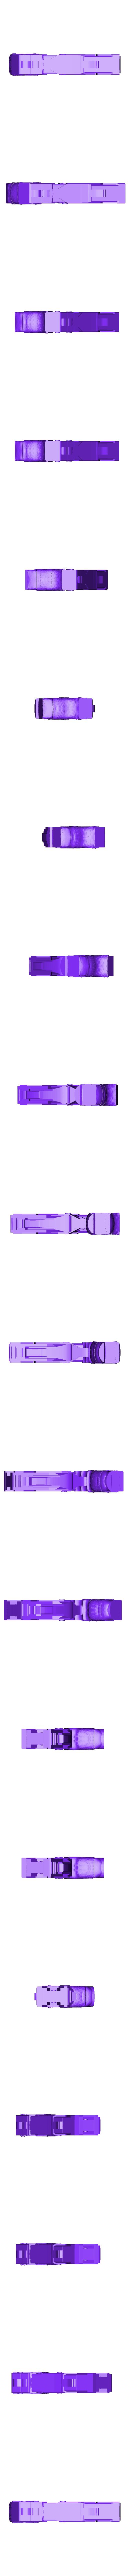 X2_Taser_Whole.stl Télécharger fichier STL gratuit Taser X2 • Plan pour imprimante 3D, mrhers2